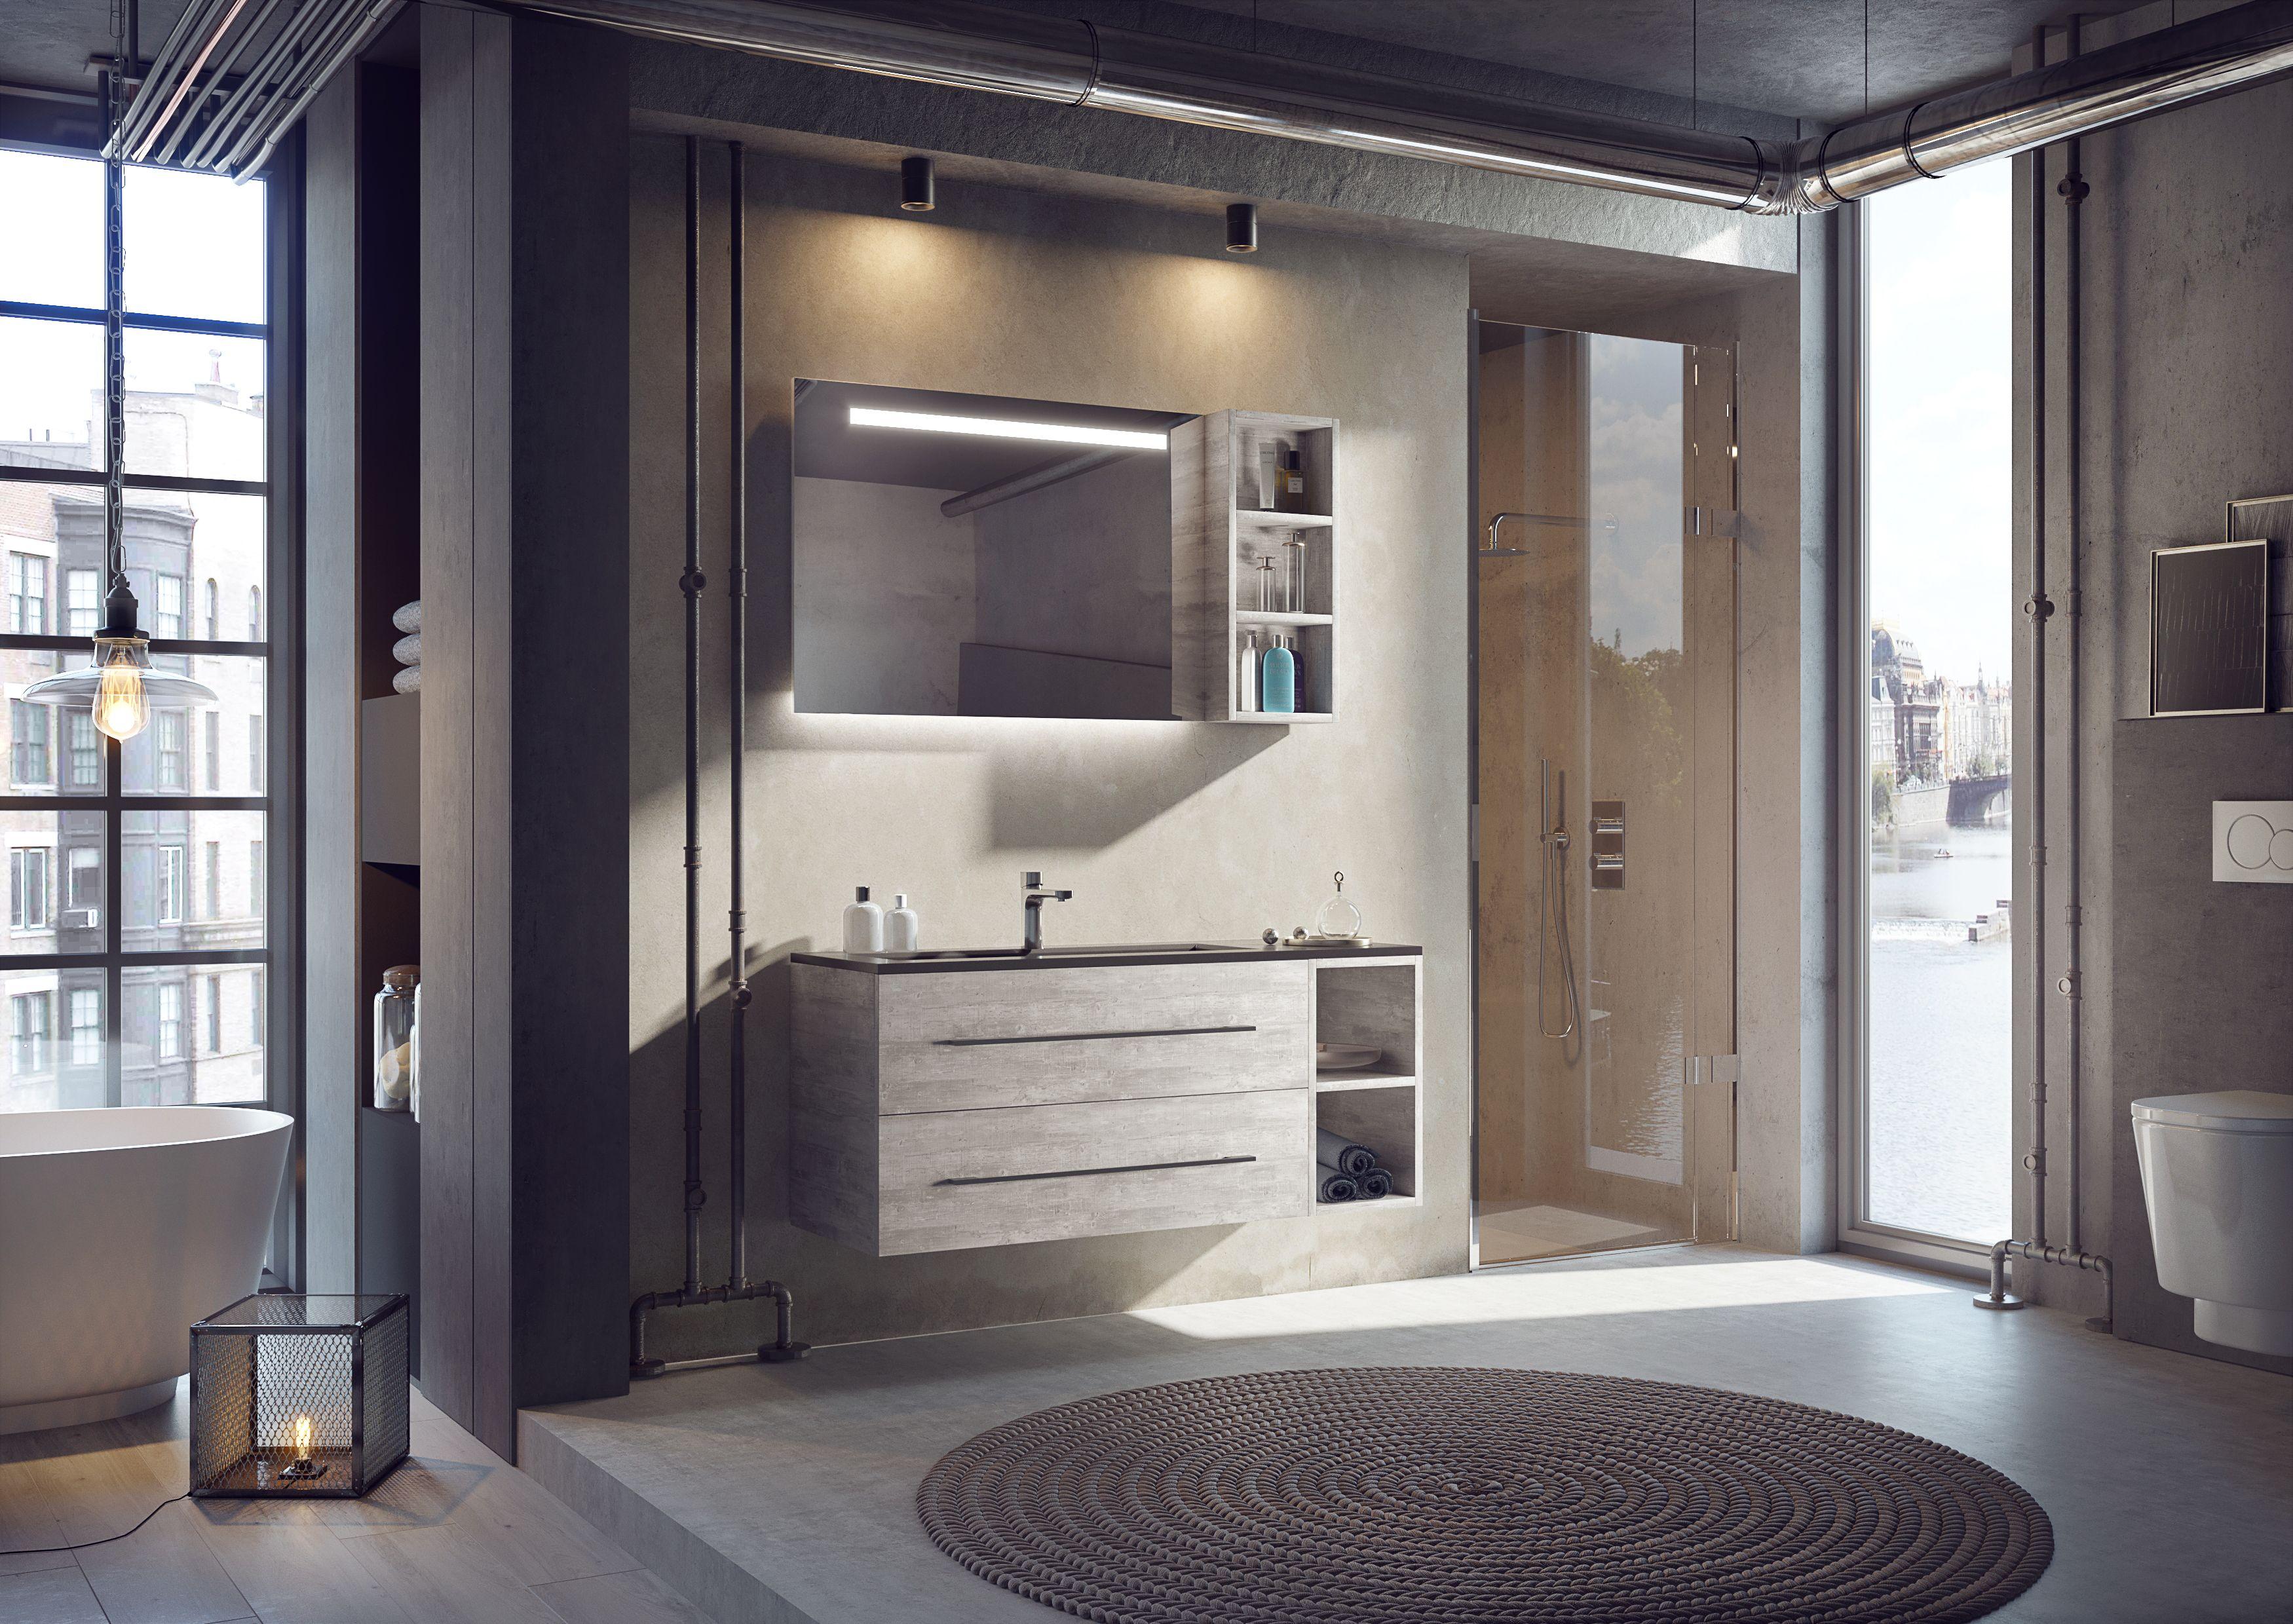 Creëer jouw ideale badkamer en combineer een wastafelkast met een